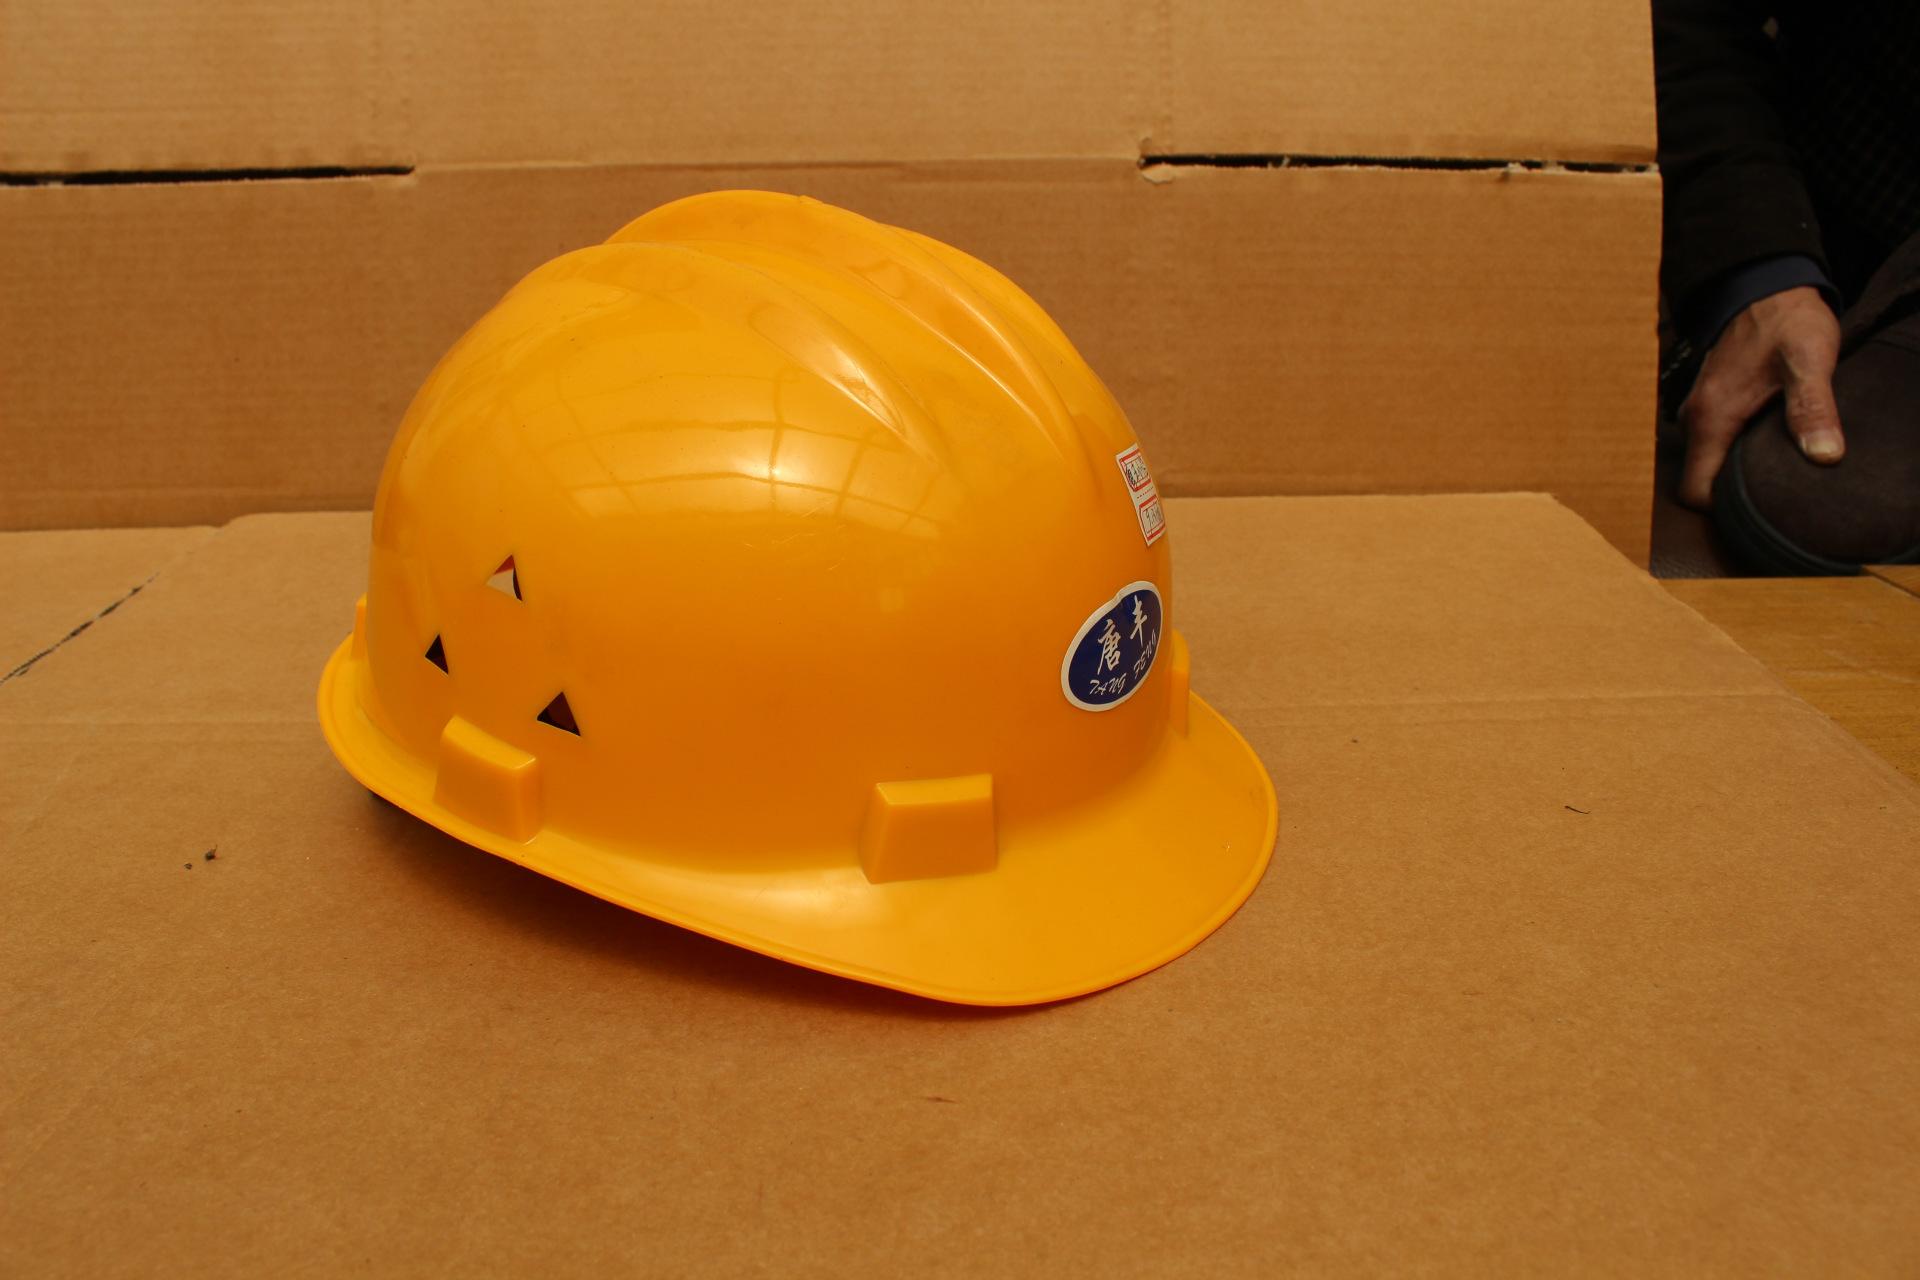 厂家直批塑料安全防护帽工地防护帽V型塑料防护帽劳保用品安全帽